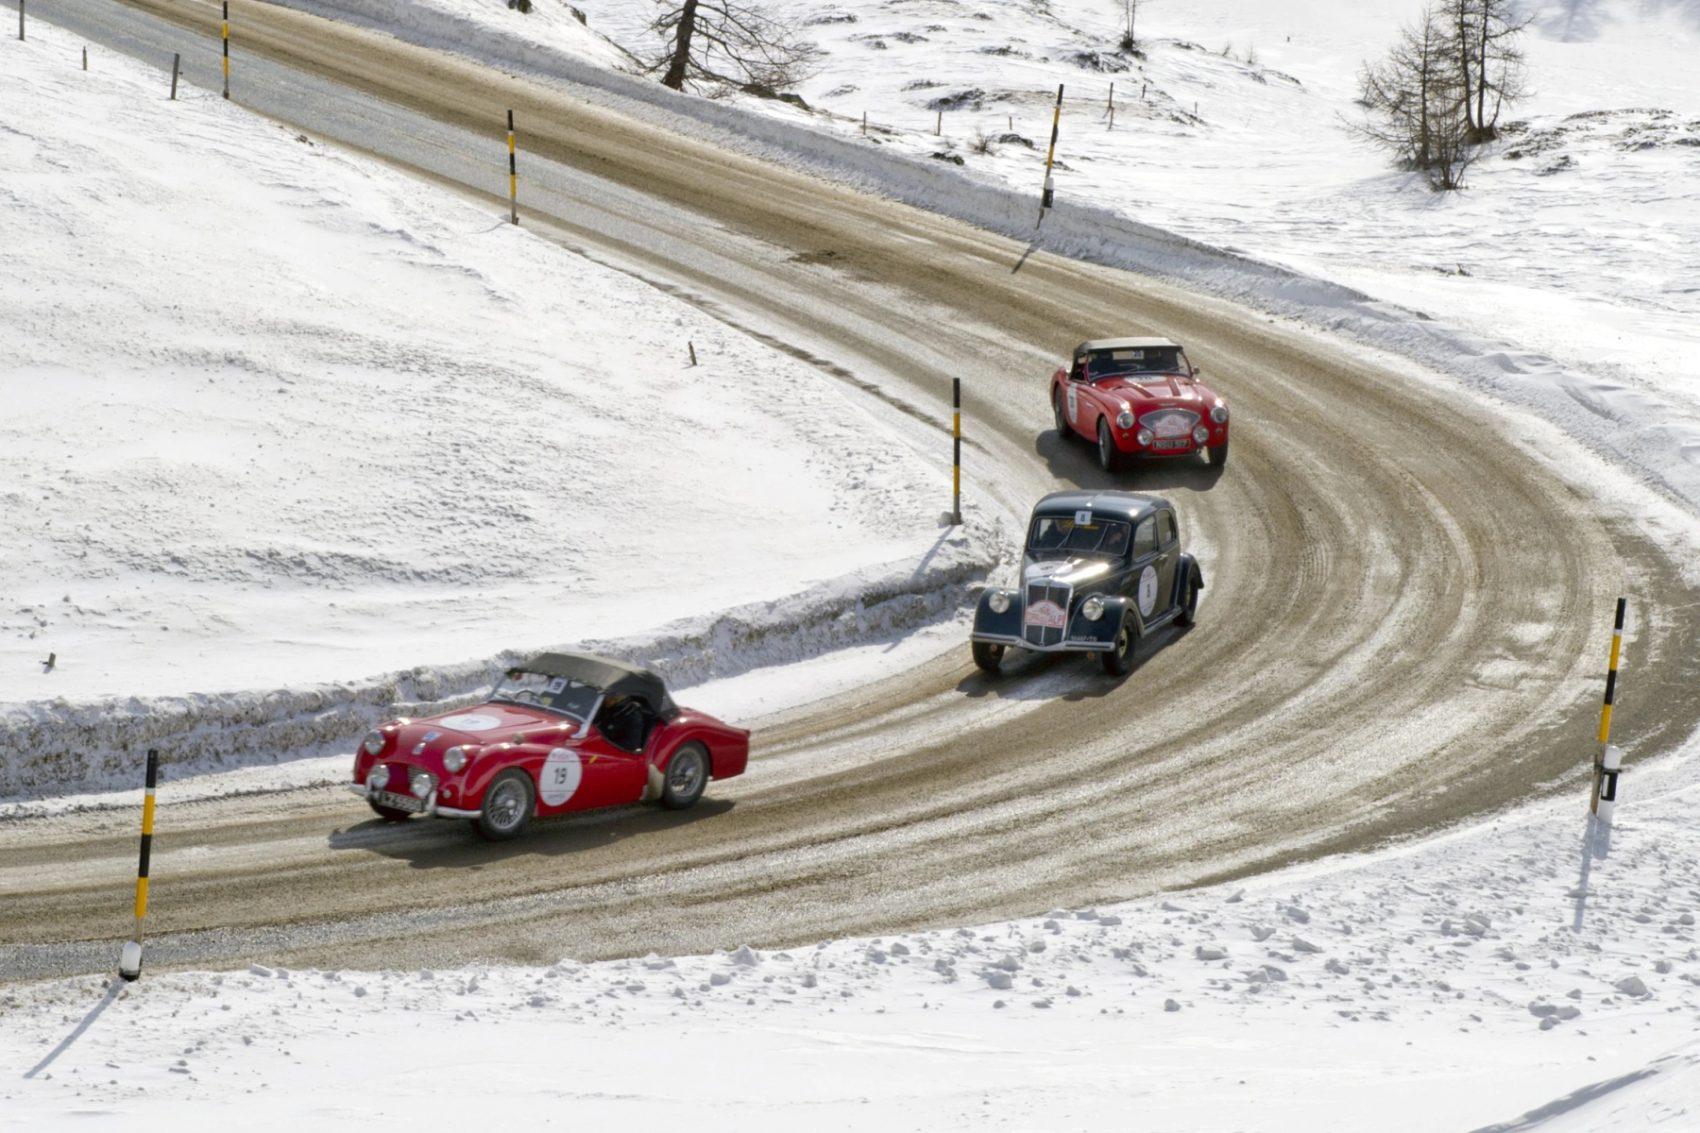 The Mille Miglia is coming to the Alps- Coppa delle Alpi. Photo: Coppa delle Alpi.